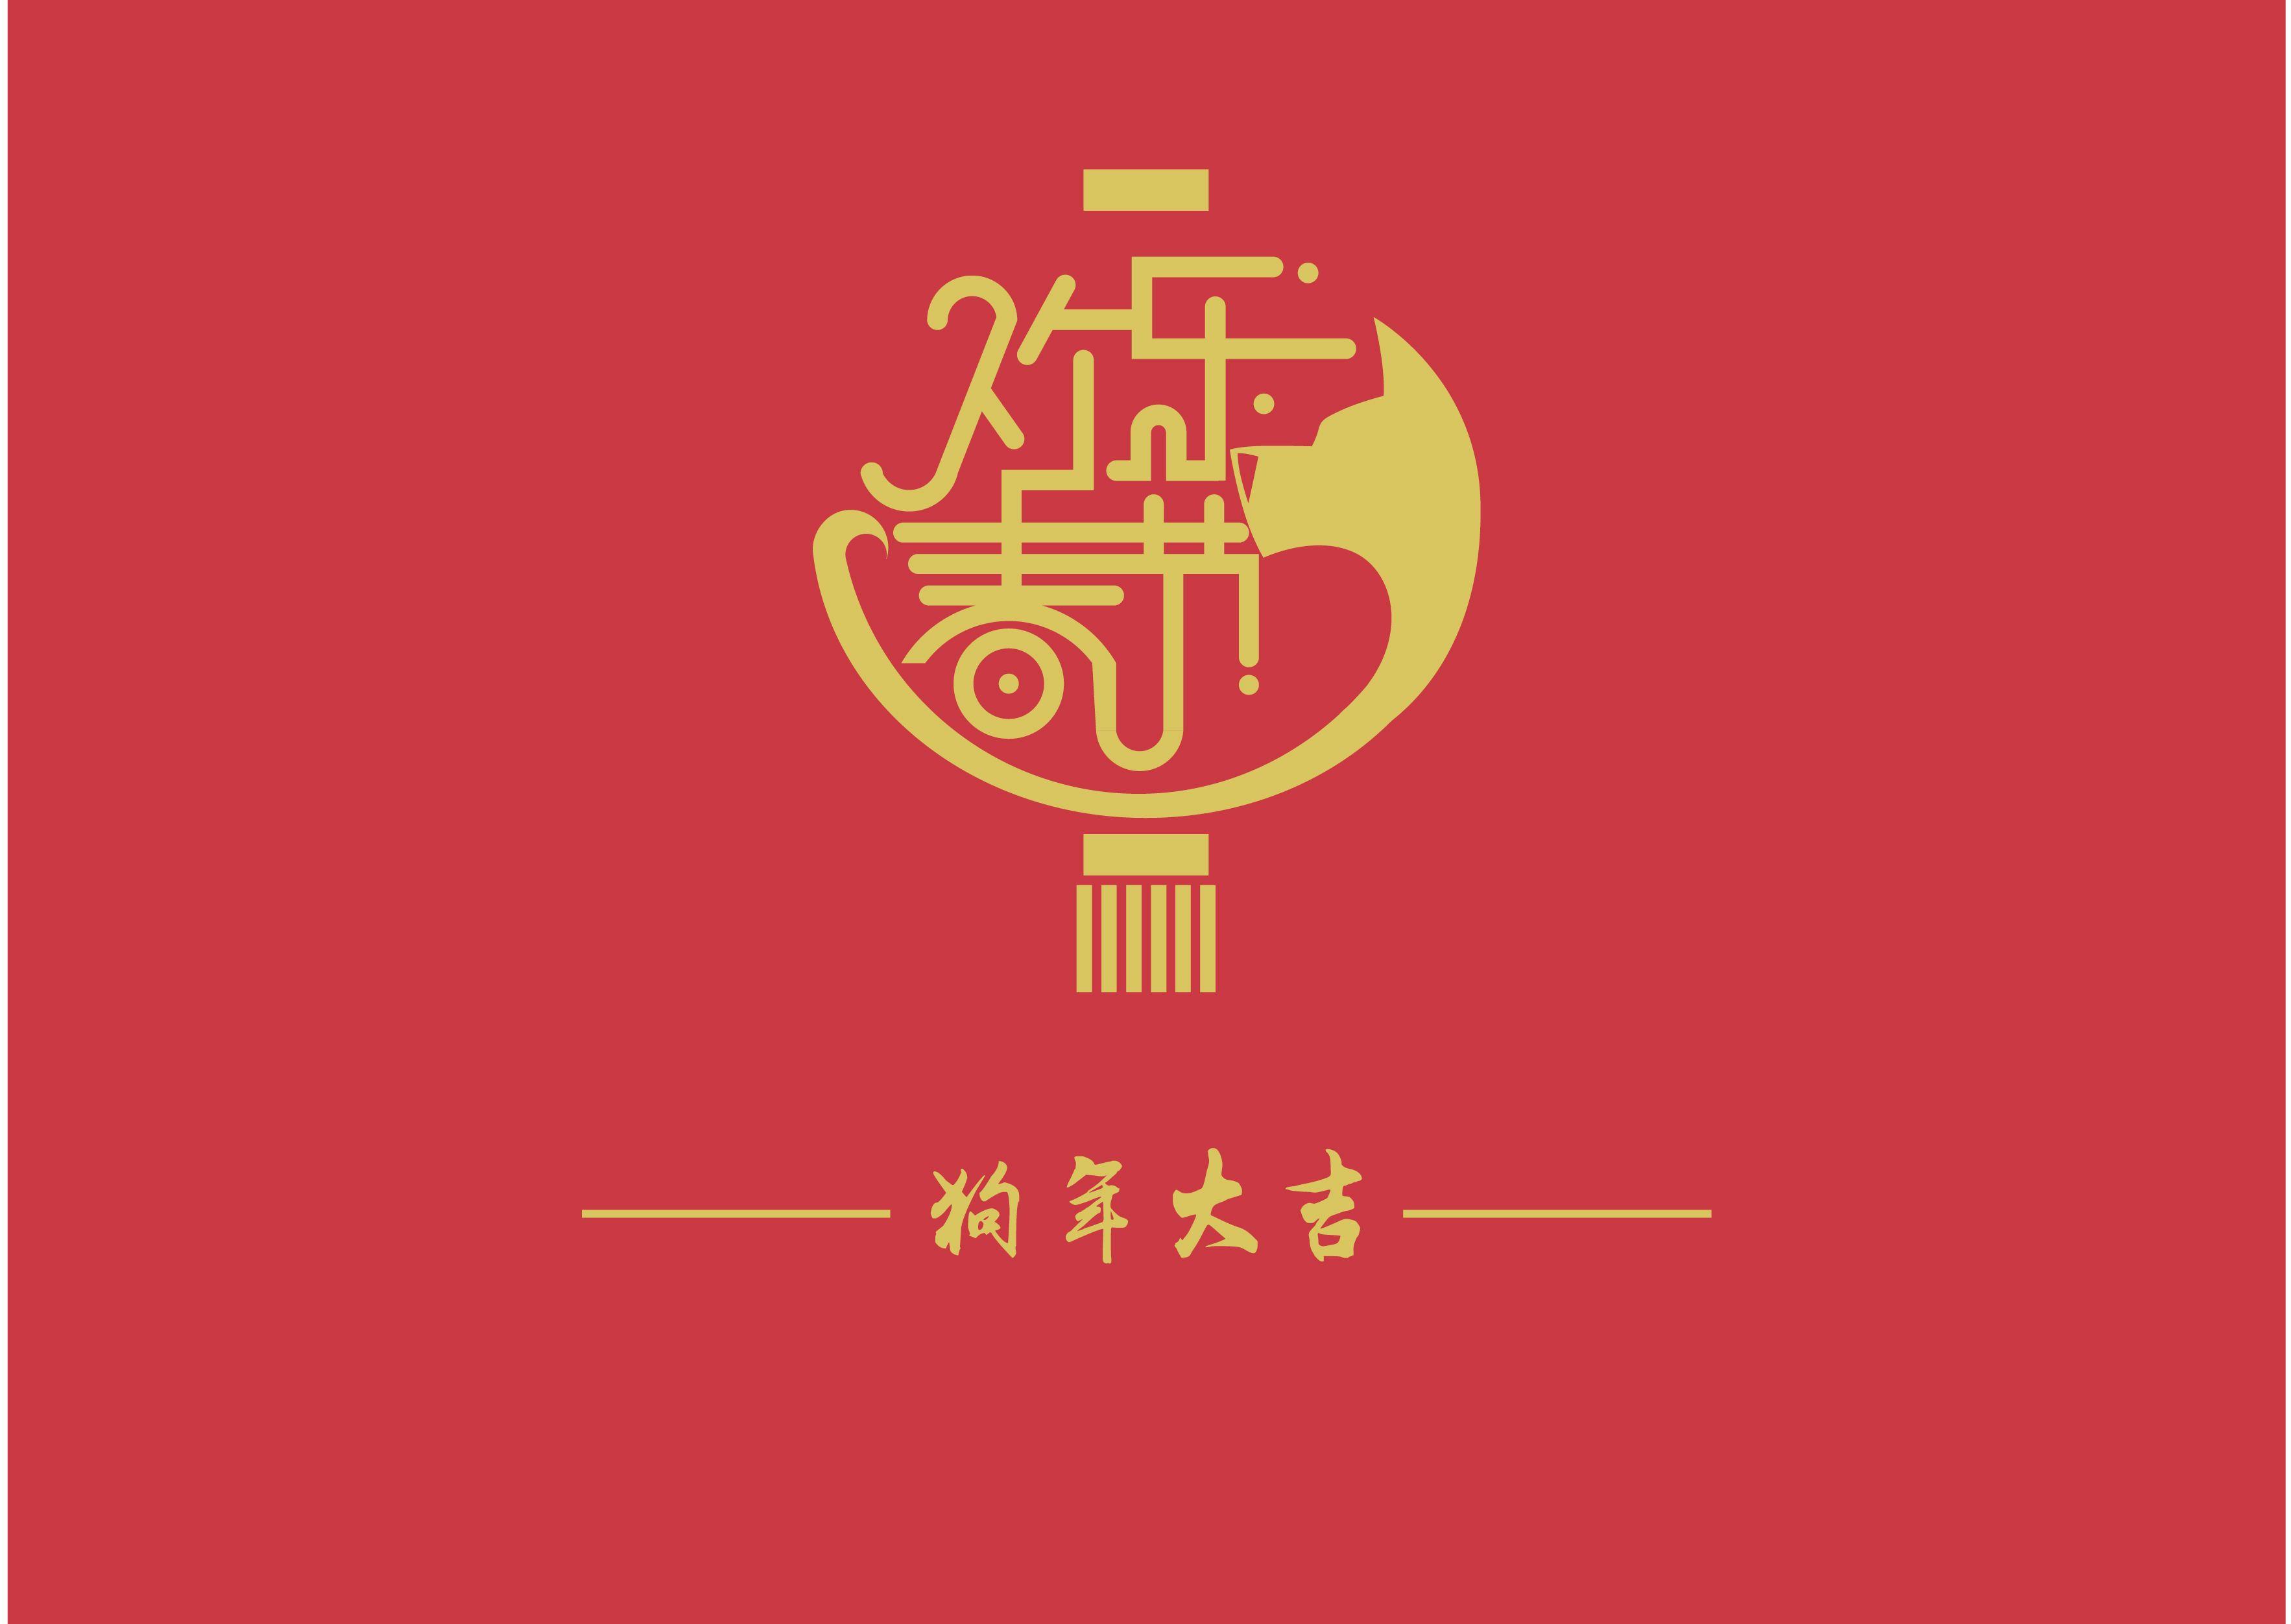 悠久设计2018年春节放假通知-youjoys.net